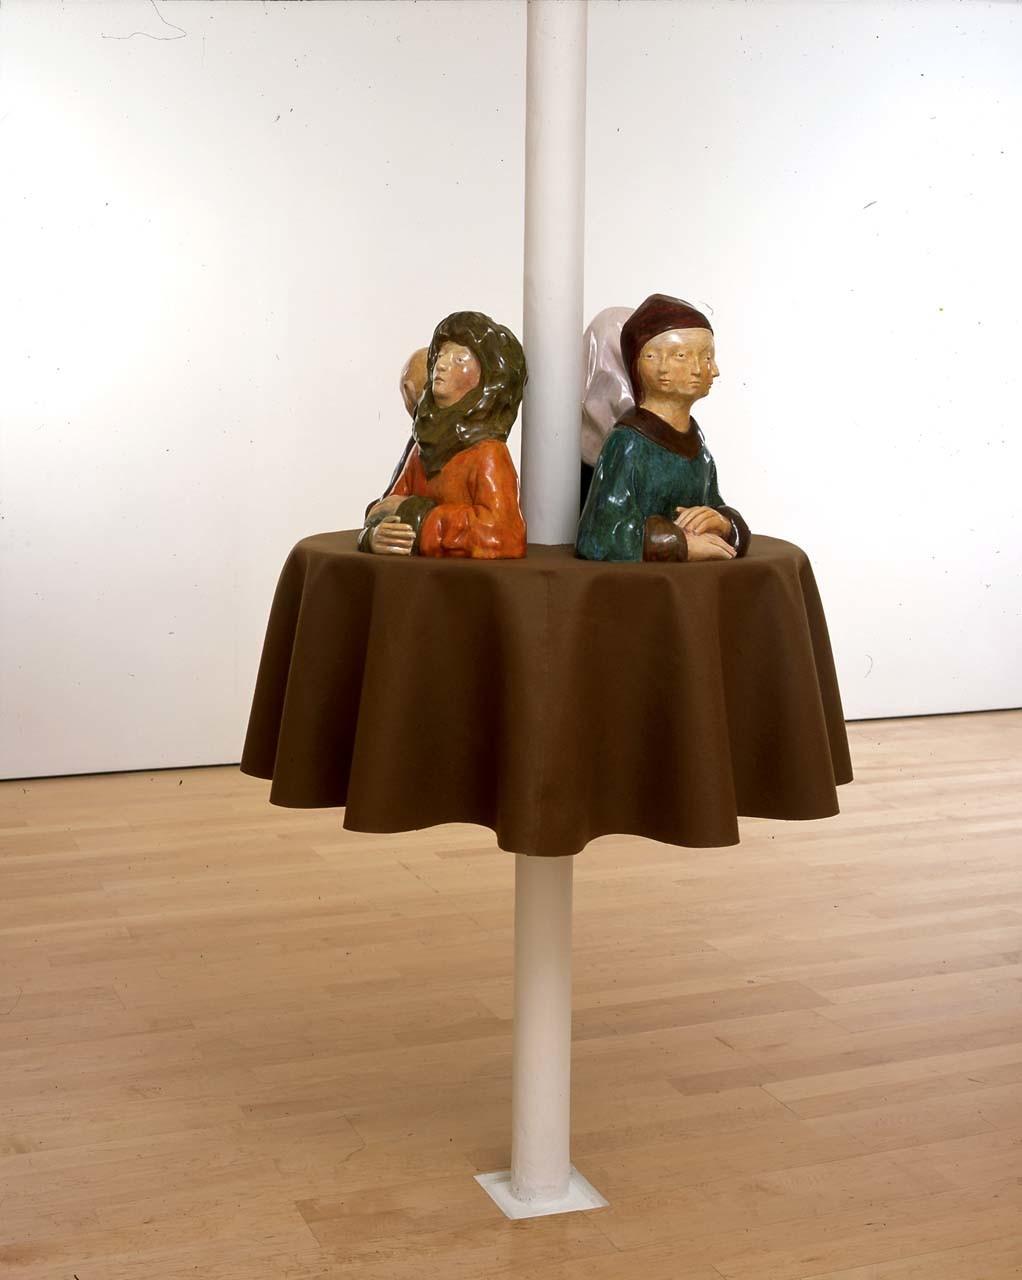 """<div class=""""artwork_caption""""><p>Installation View, 2005</p></div>"""